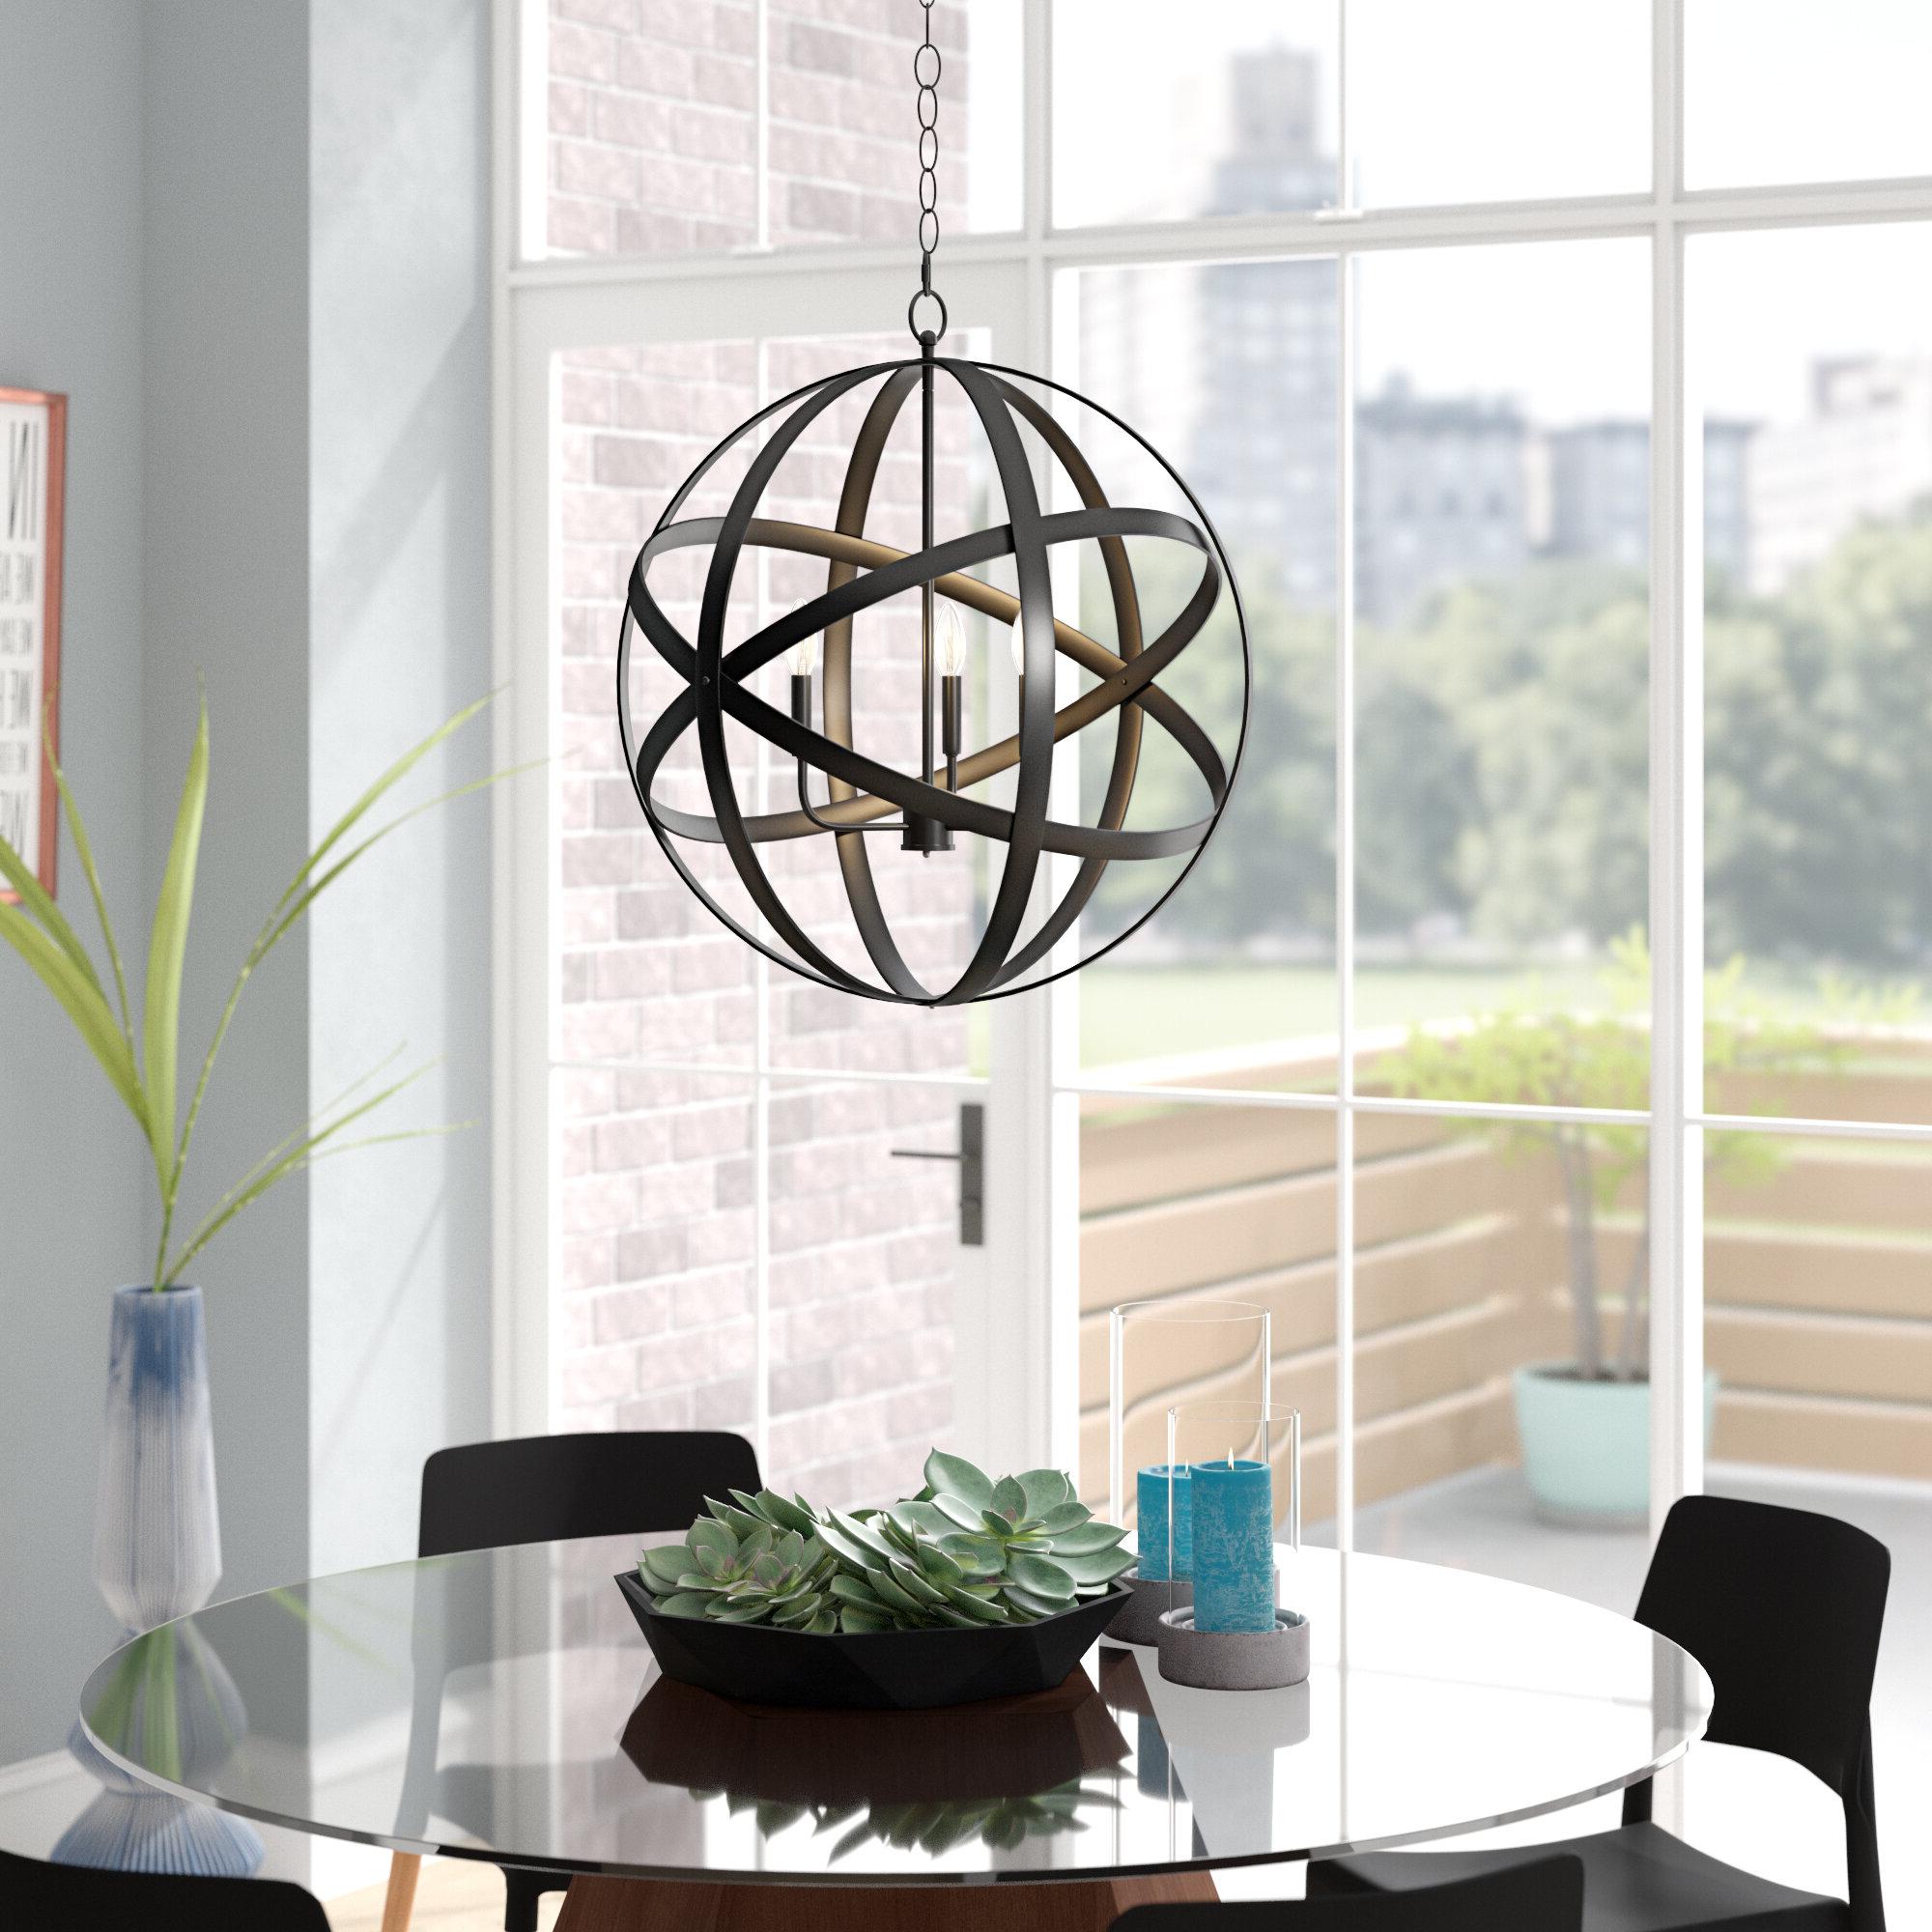 Ealey 1-Light Single Globe Pendant intended for 2019 Irwin 1-Light Single Globe Pendants